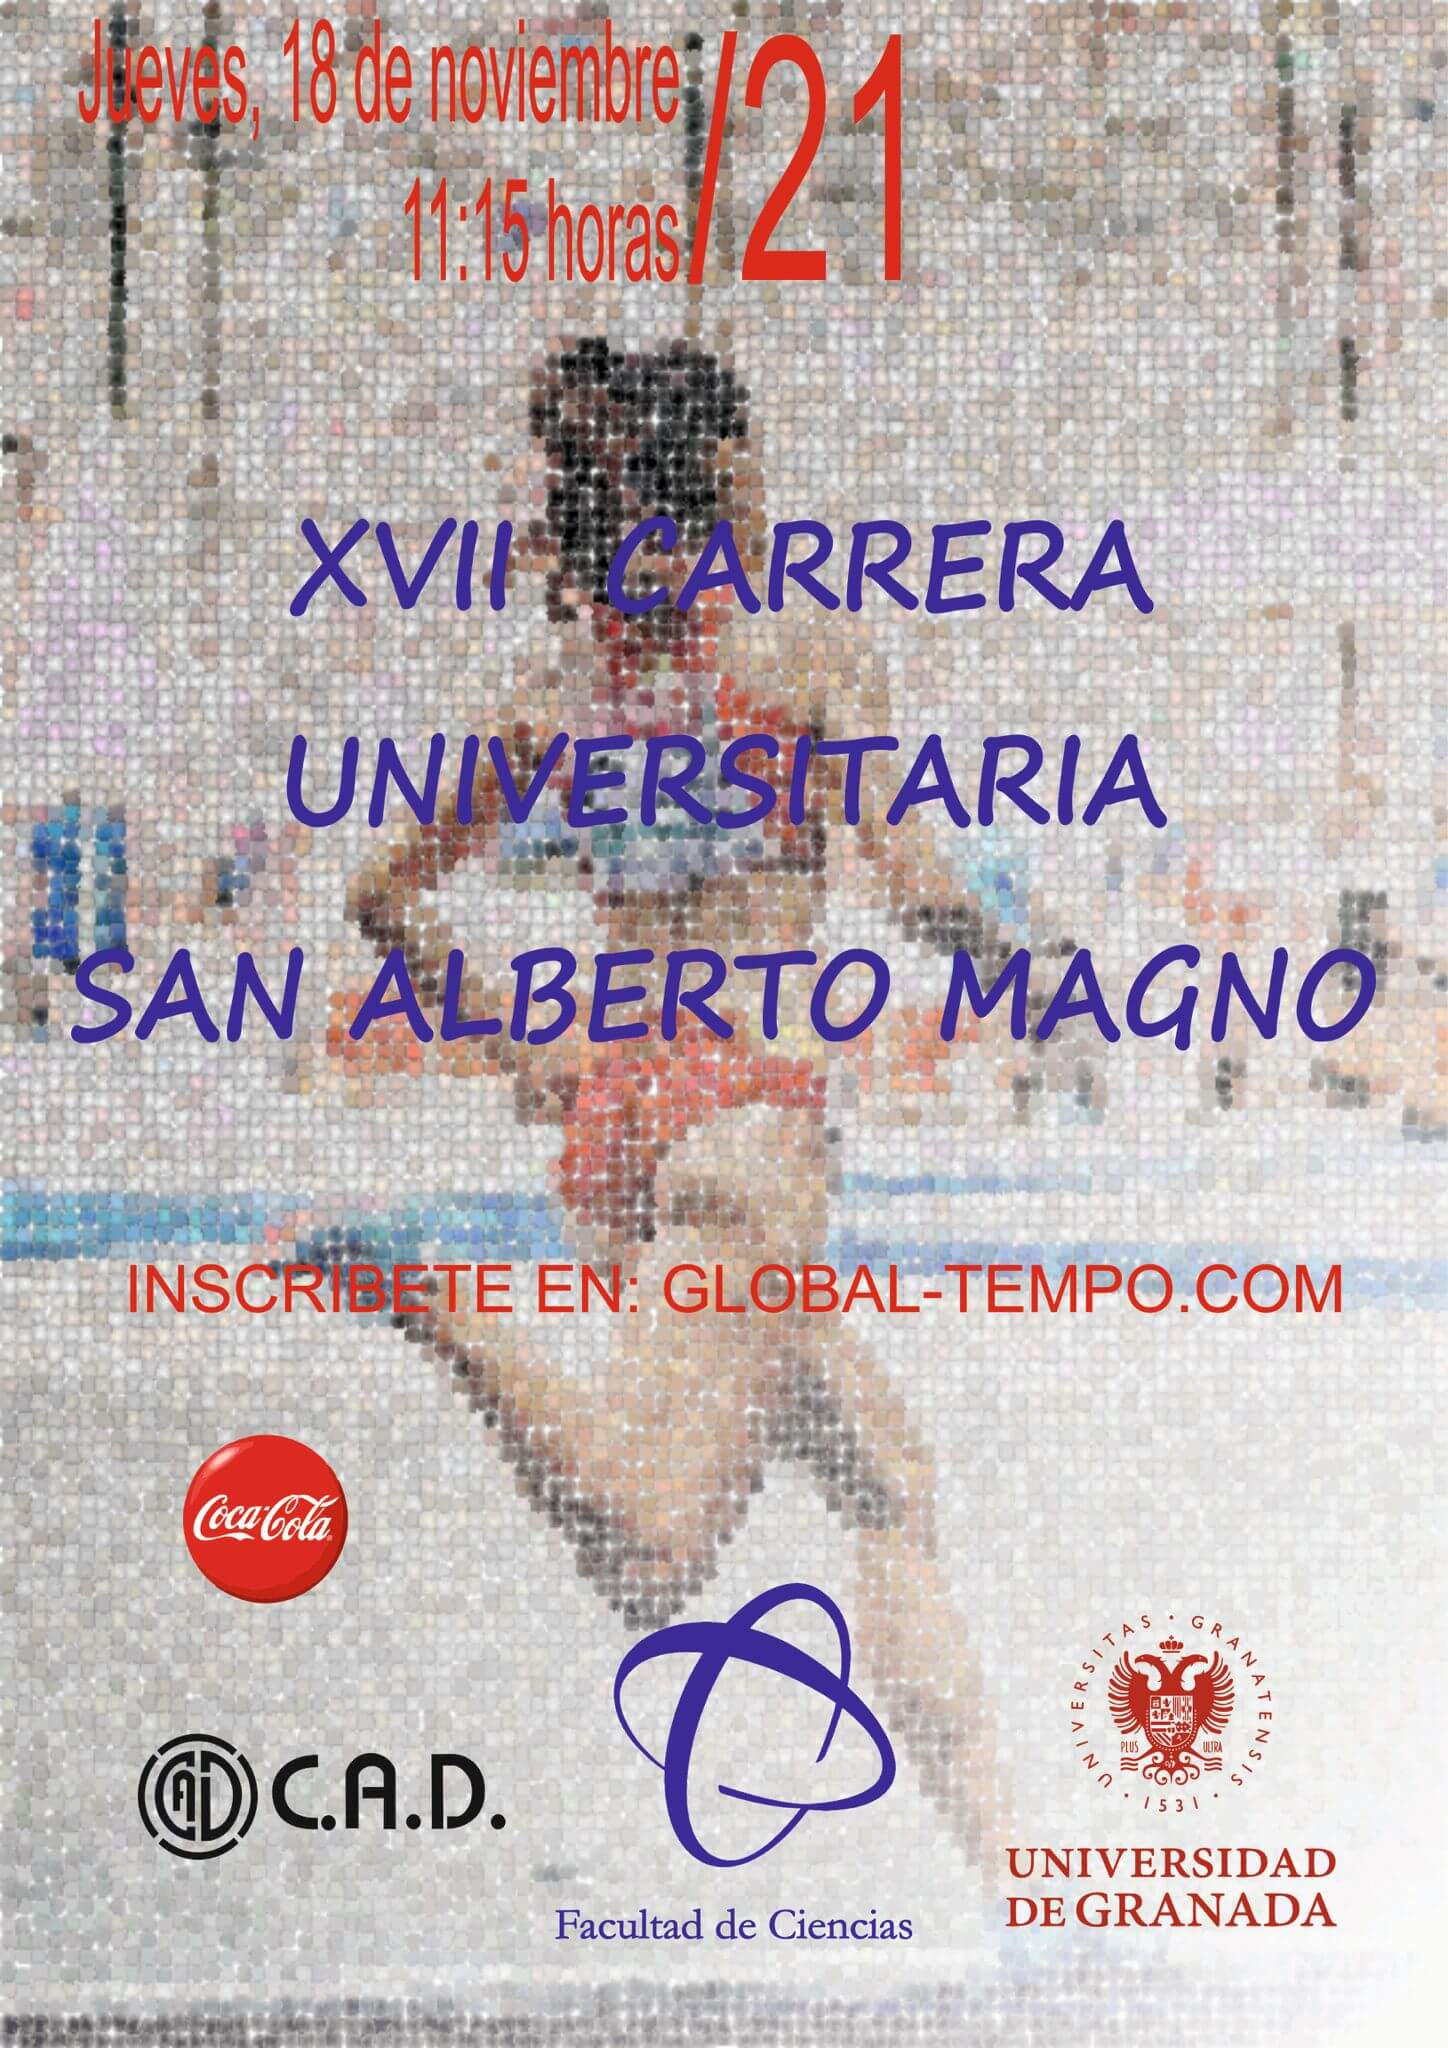 XVII Carrera Universitaria San Alberto Magno